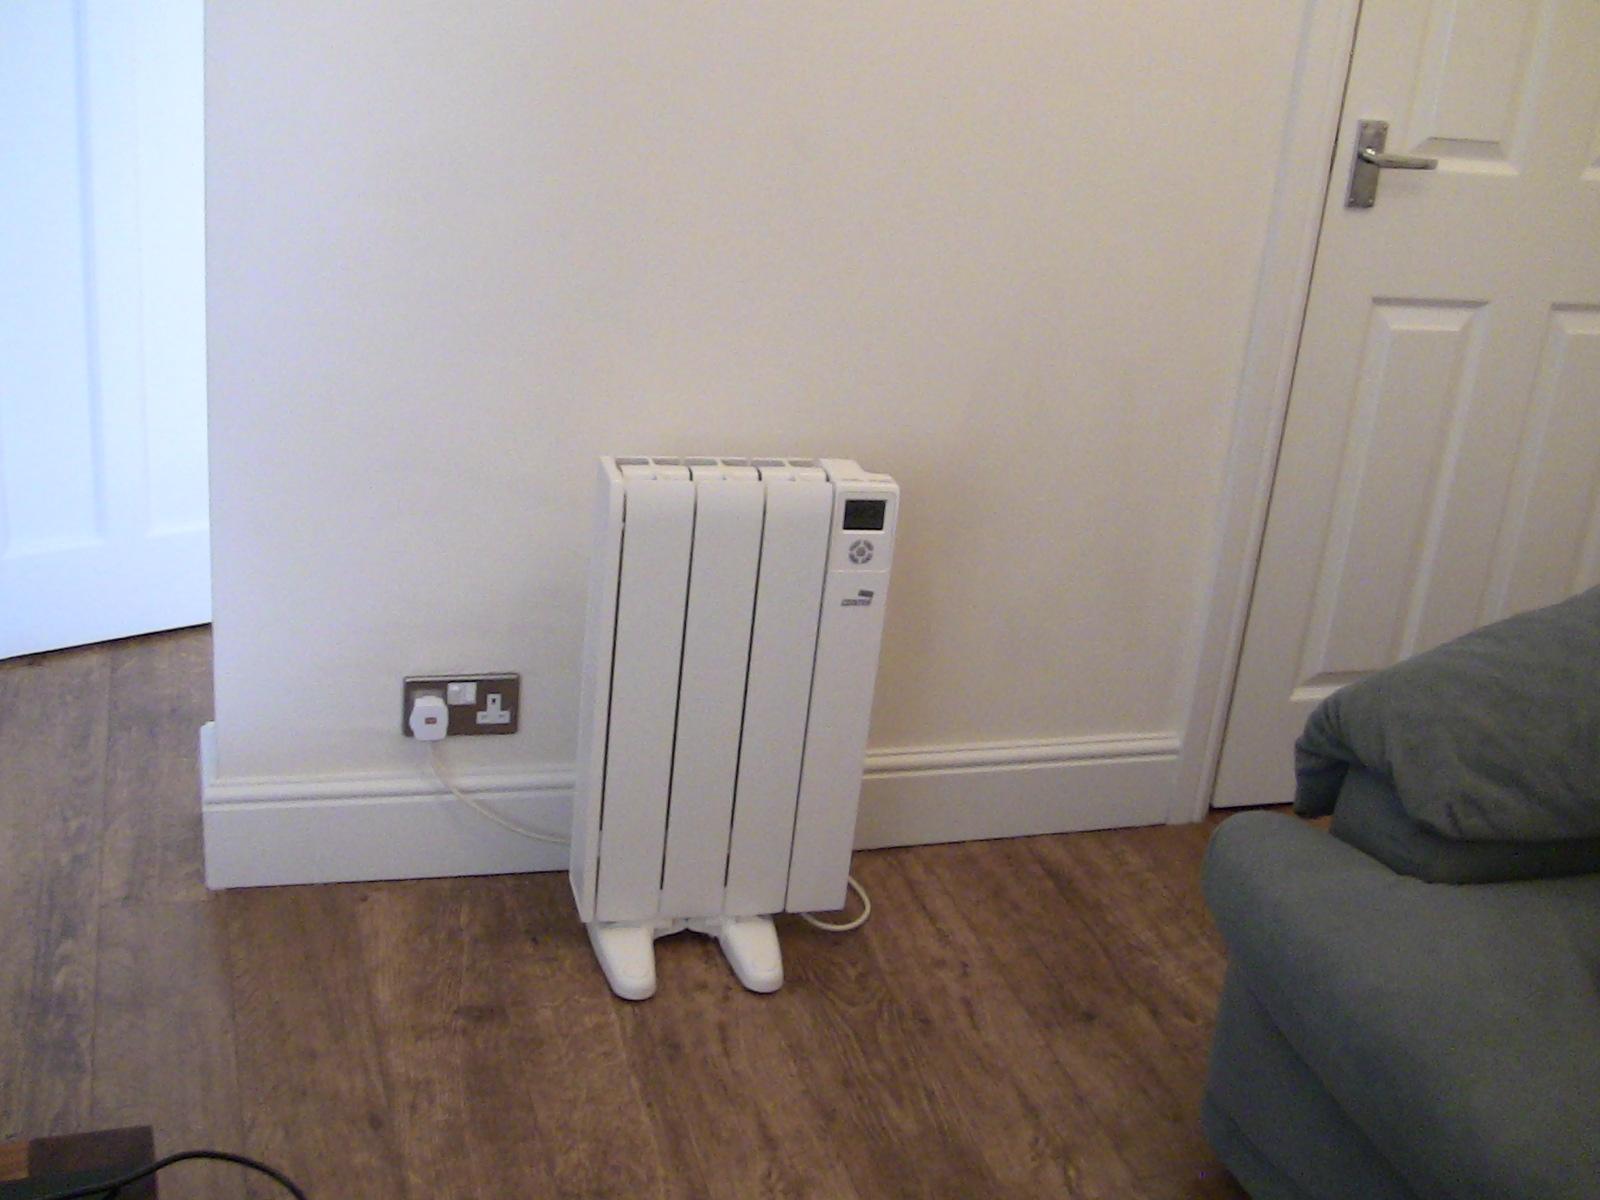 Precio gasoil calefaccion calderas de gas - Mejor calefaccion electrica ...